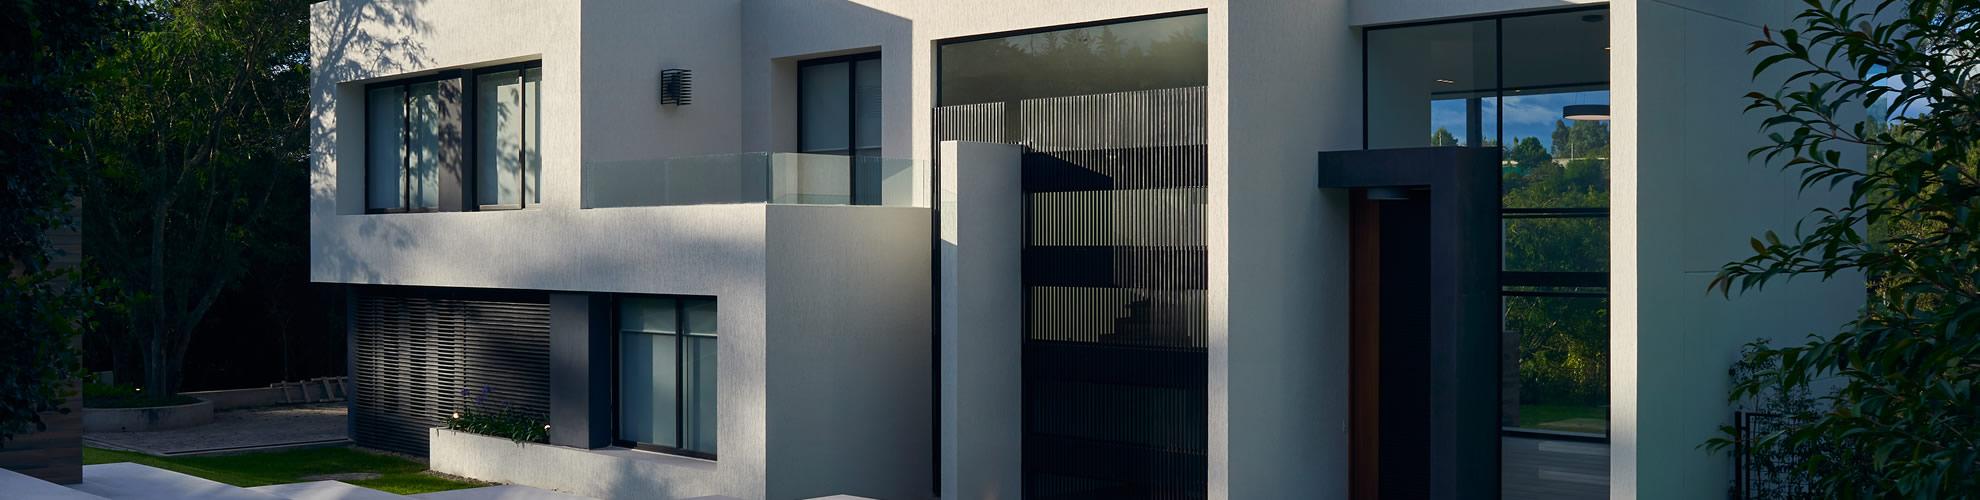 aluminium windows scotland